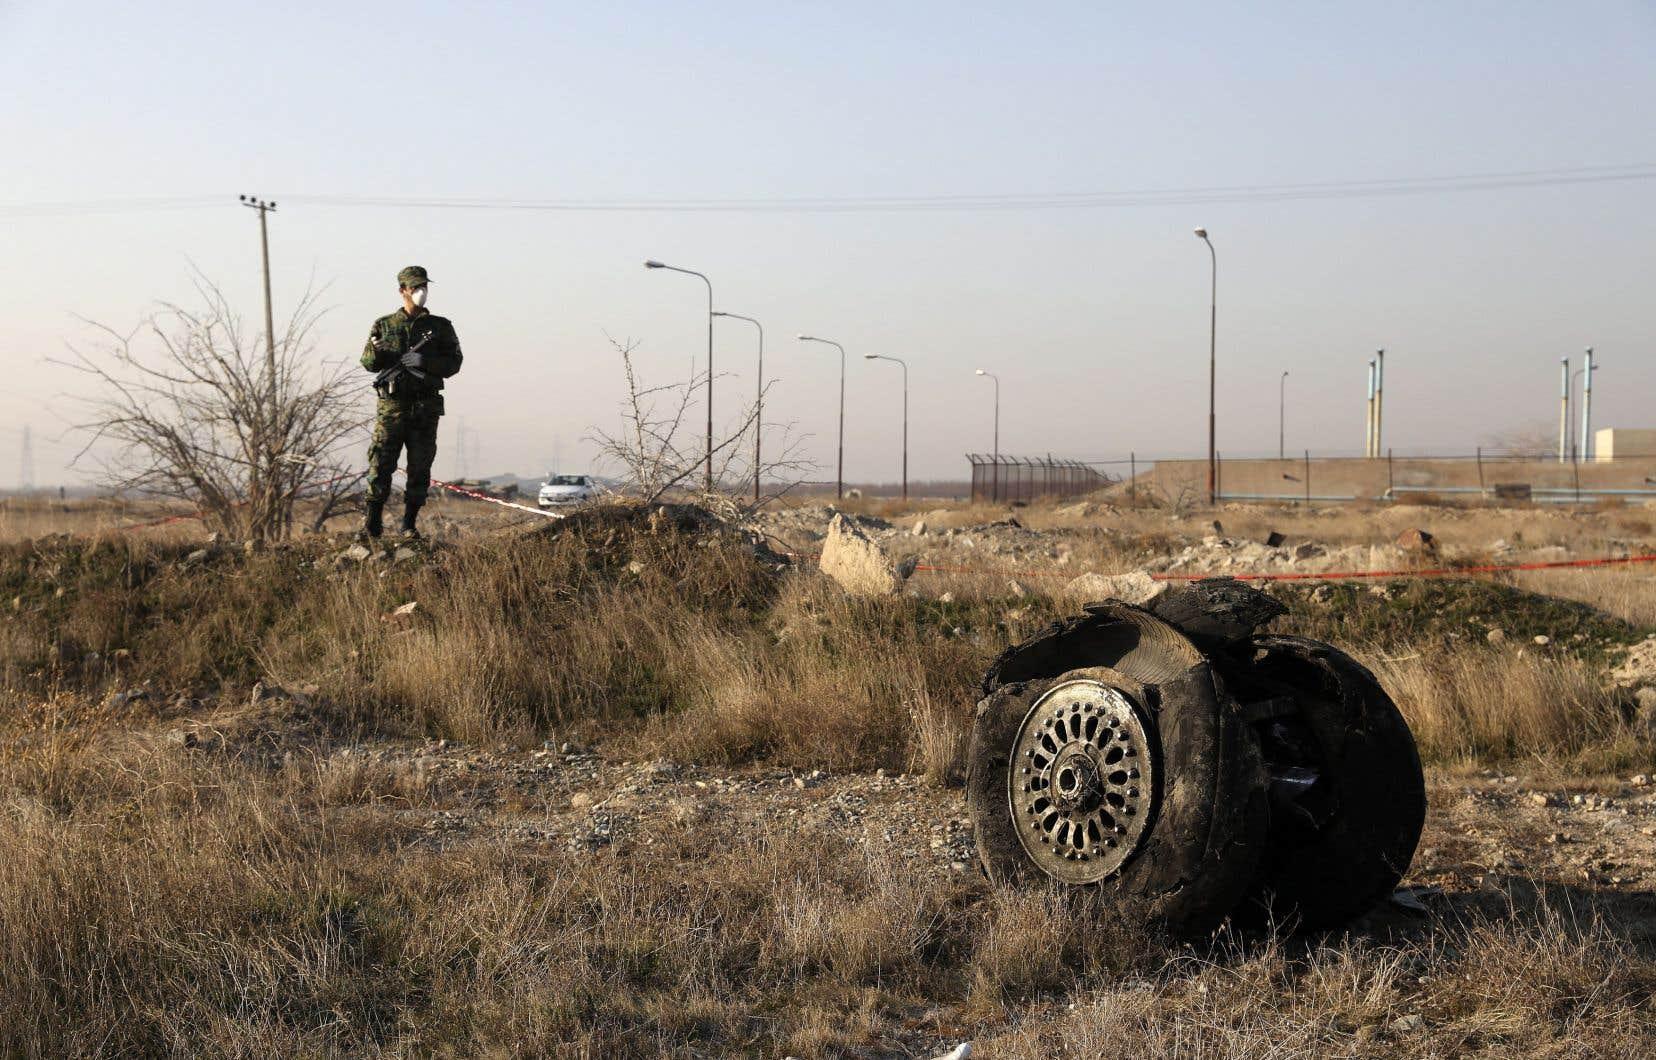 Deux missiles ont été tirés sur le vol 752 des lignes aériennes Ukraine International peu de temps après son décollage de Téhéran le 8janvier 2020.